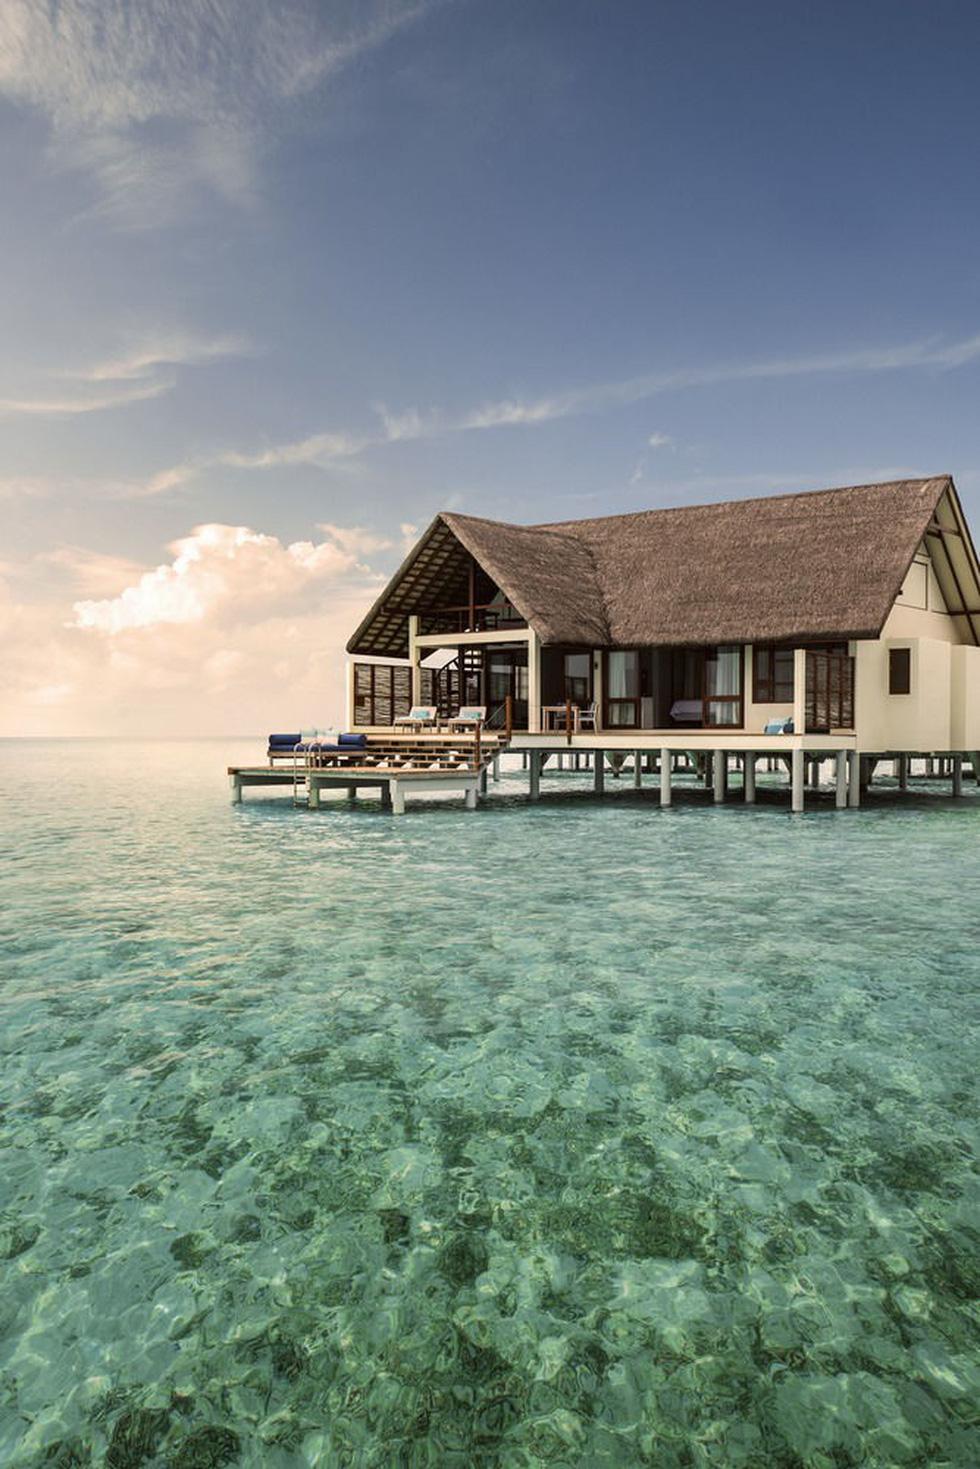 Đến Maldives ngồi tàu ngầm ngắm san hô - Ảnh 15.